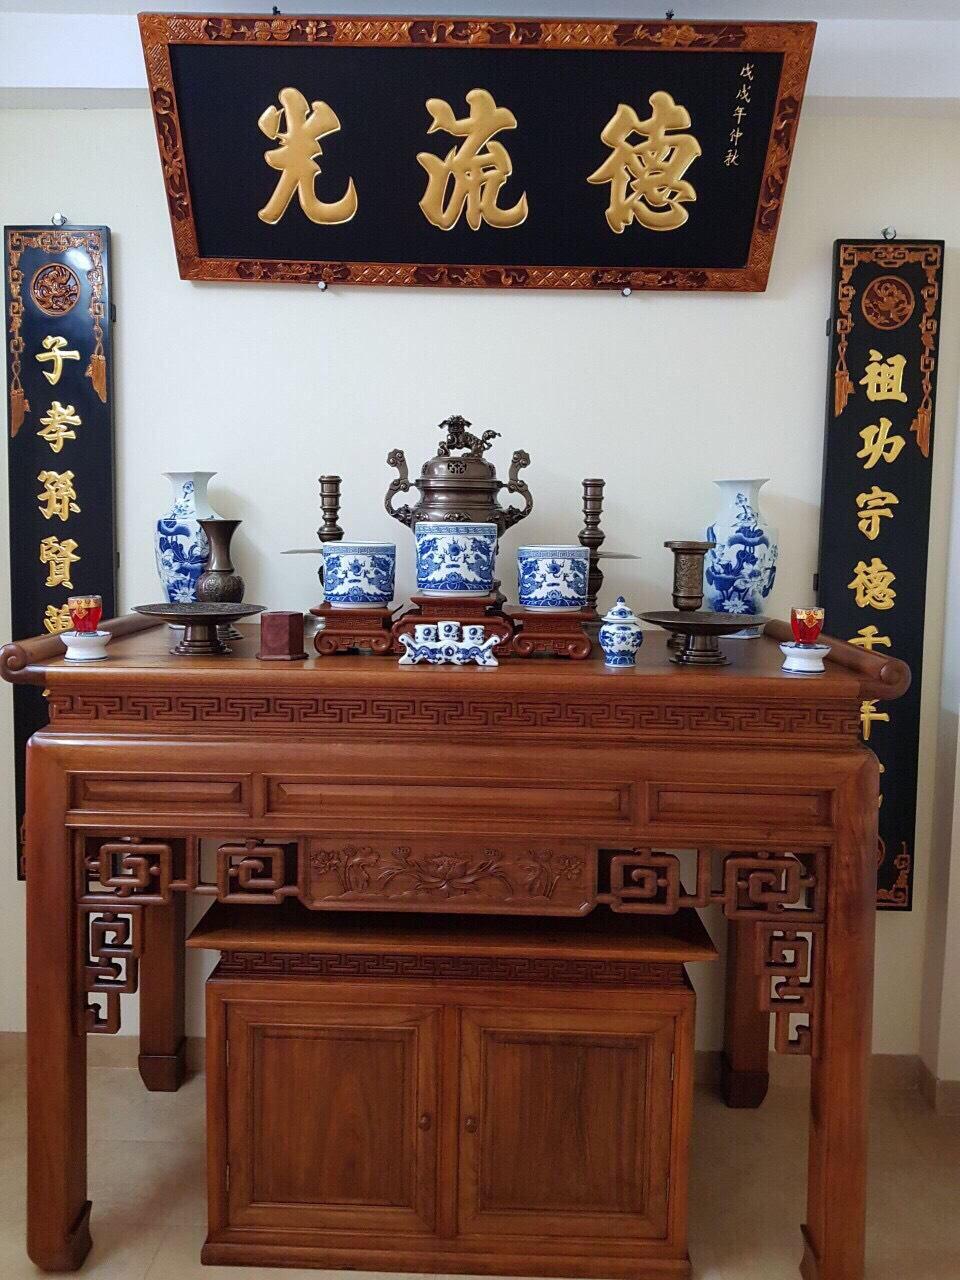 Bộ ngũ sự với cuốn thư câu đối trên bàn thờ